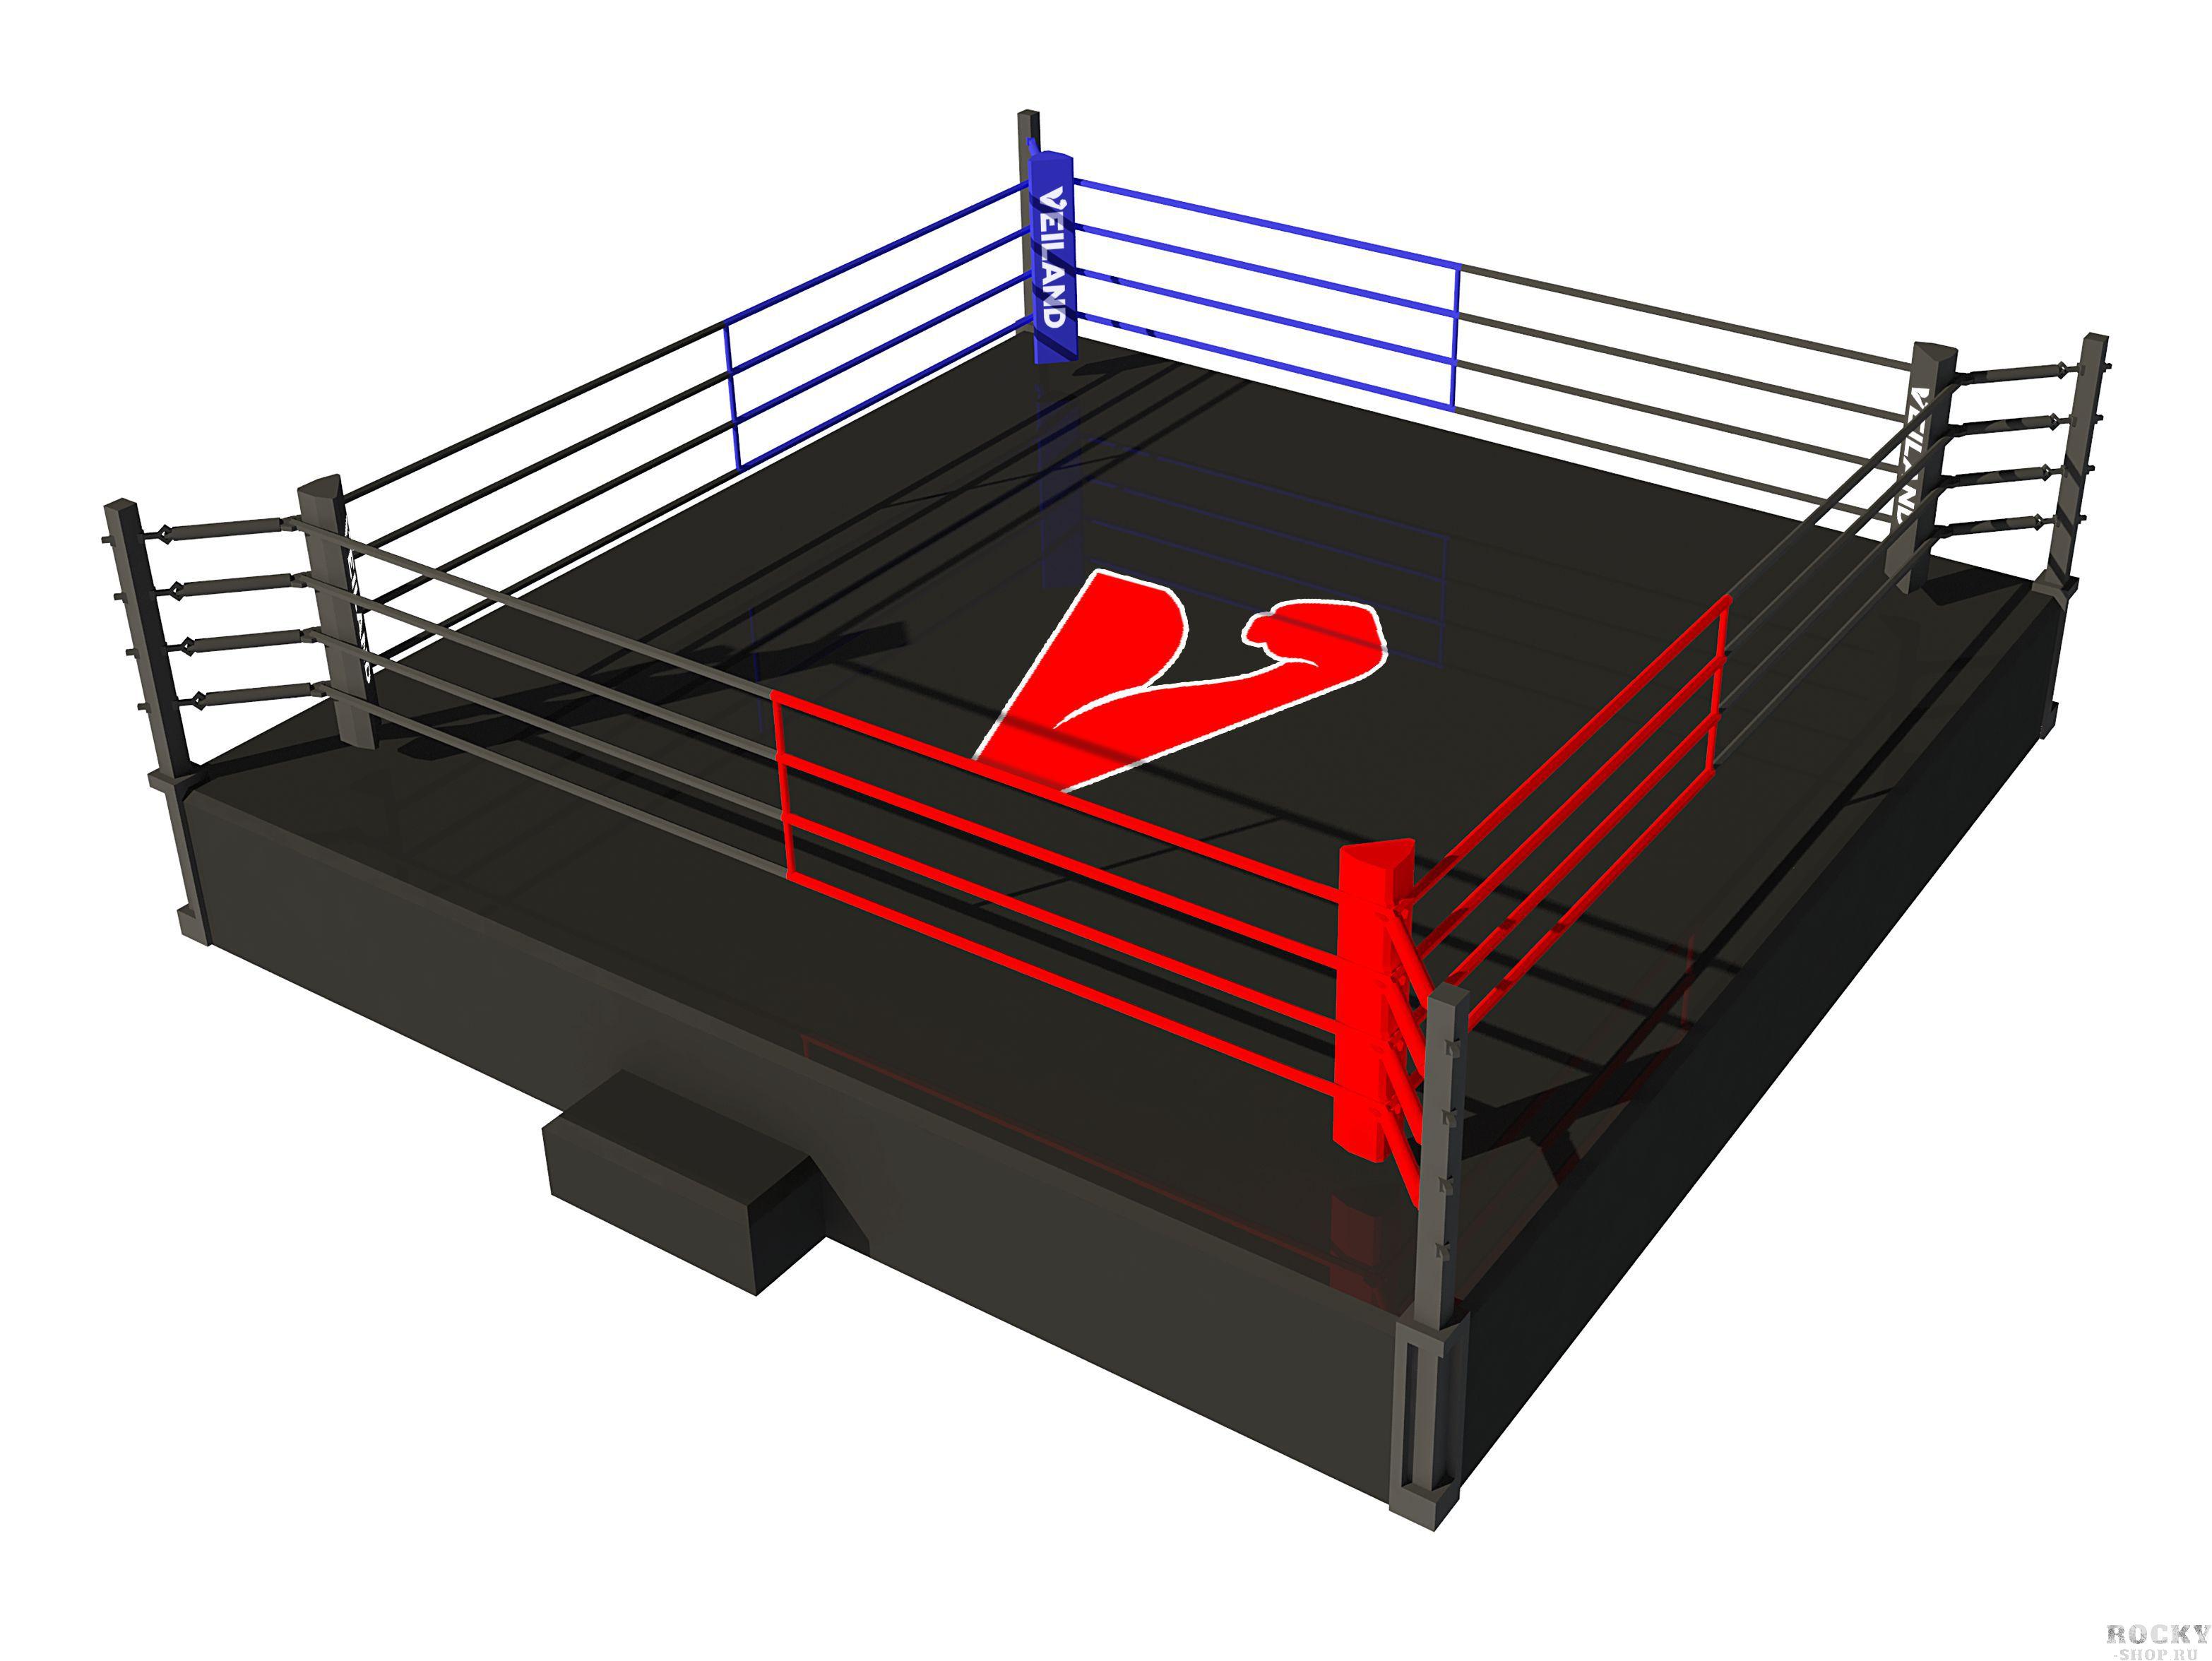 Боксерский ринг Veiland на помосте 0,5 метра, боевая зона 6х6 м (арт. 27544)  - купить со скидкой